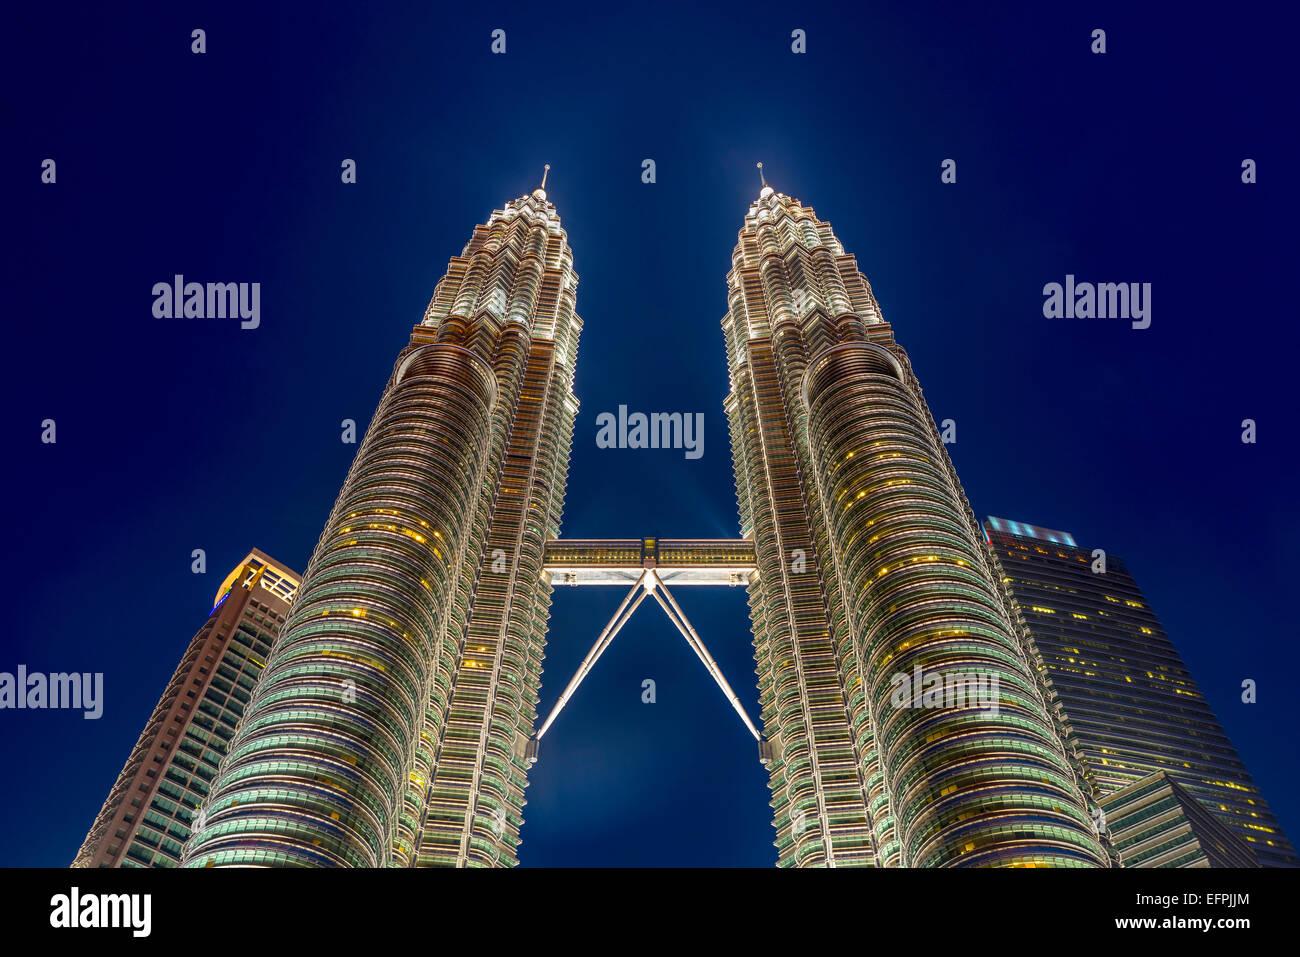 Les Tours Petronas, Kuala Lumpur, Malaisie, Asie du Sud, Asie Banque D'Images